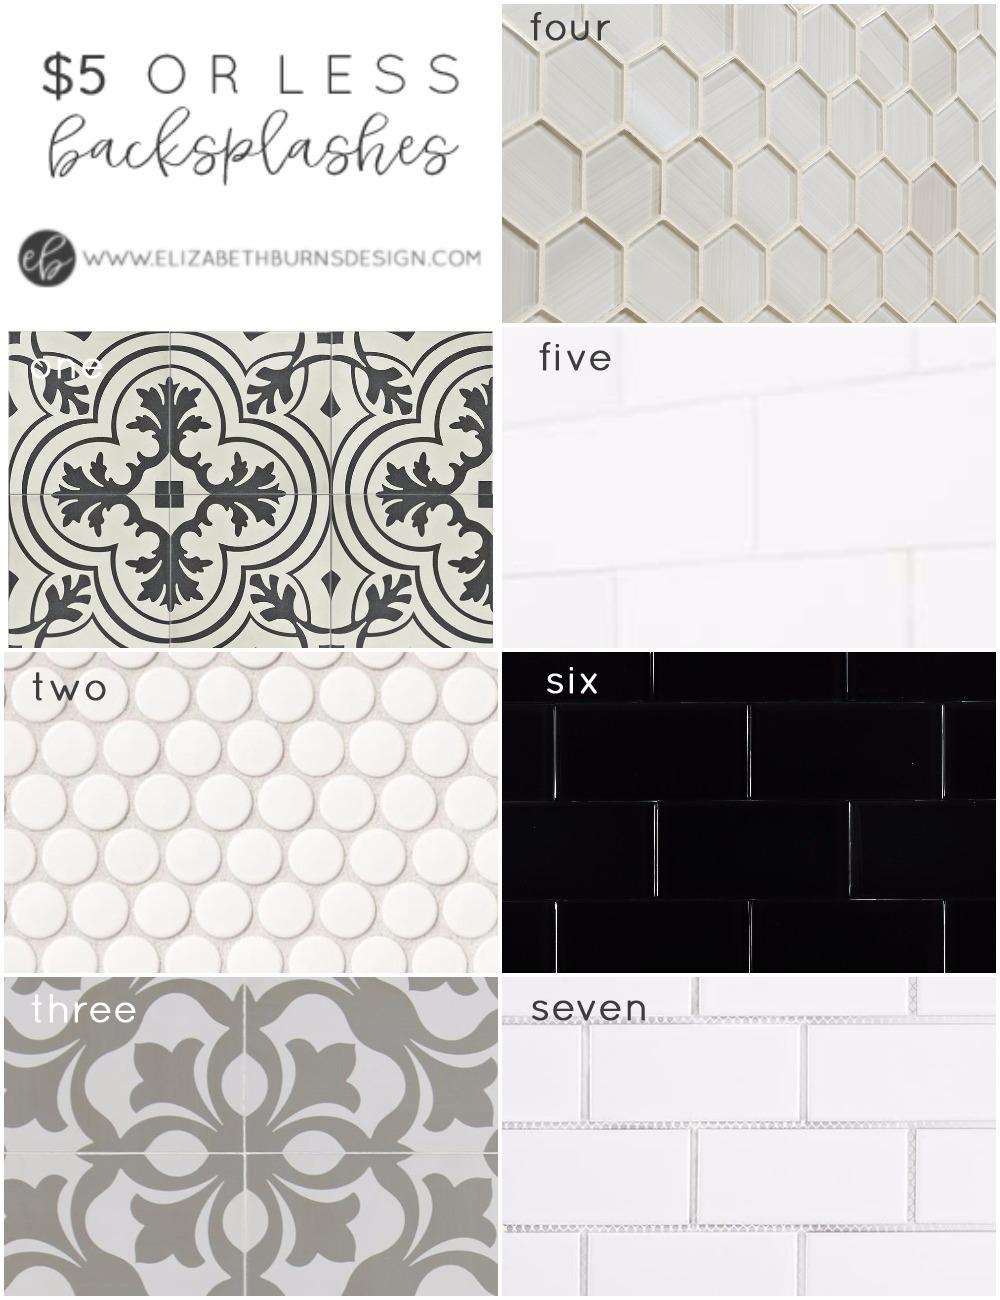 Elizabeth Burns Design | Budget-friendly backsplash options that are affordable under $5 a square foot